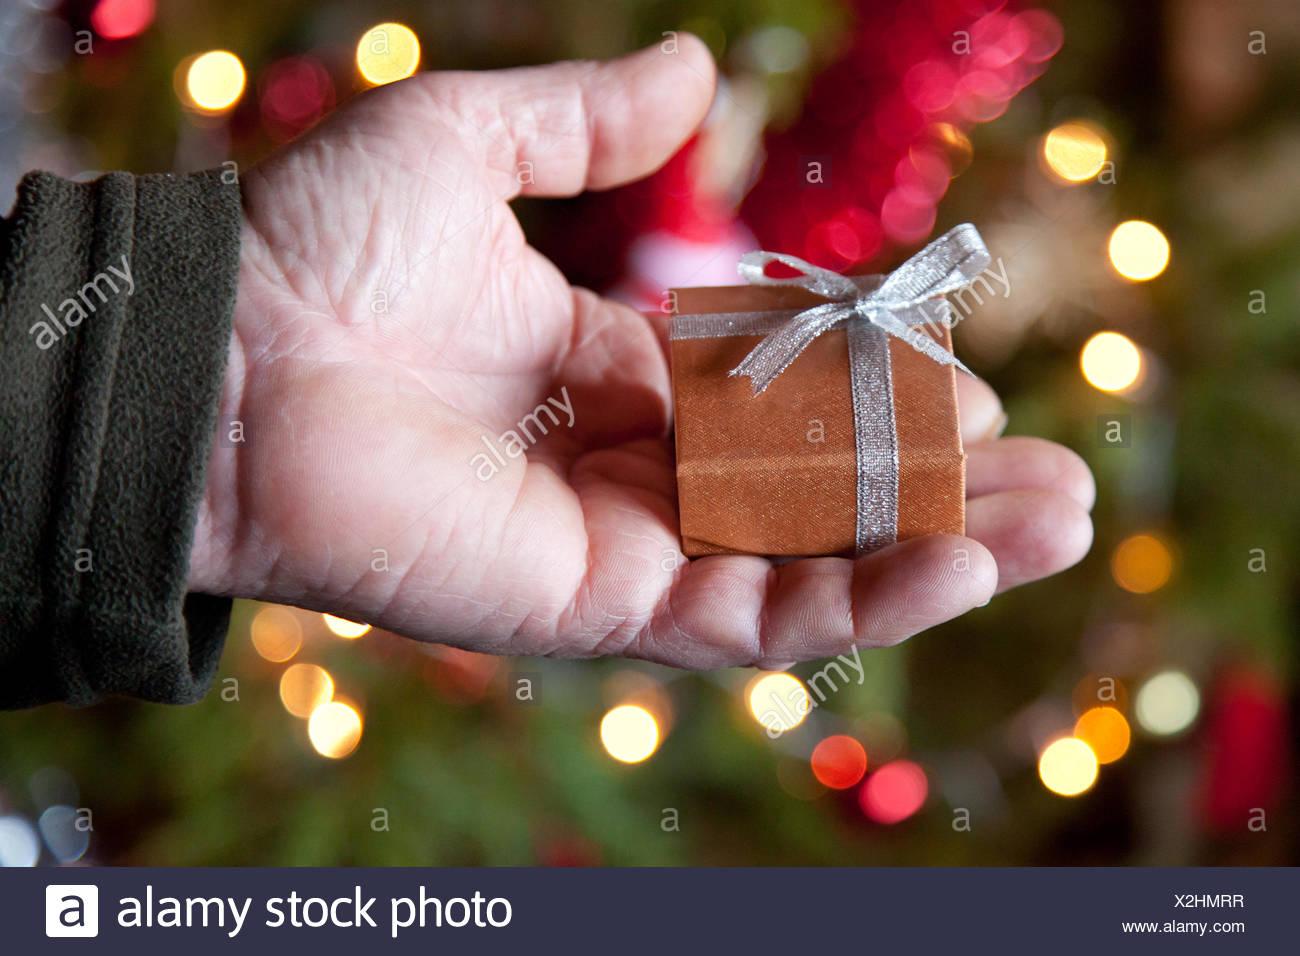 Mann hält Weihnachtsgeschenk Stockfoto, Bild: 276984731 - Alamy